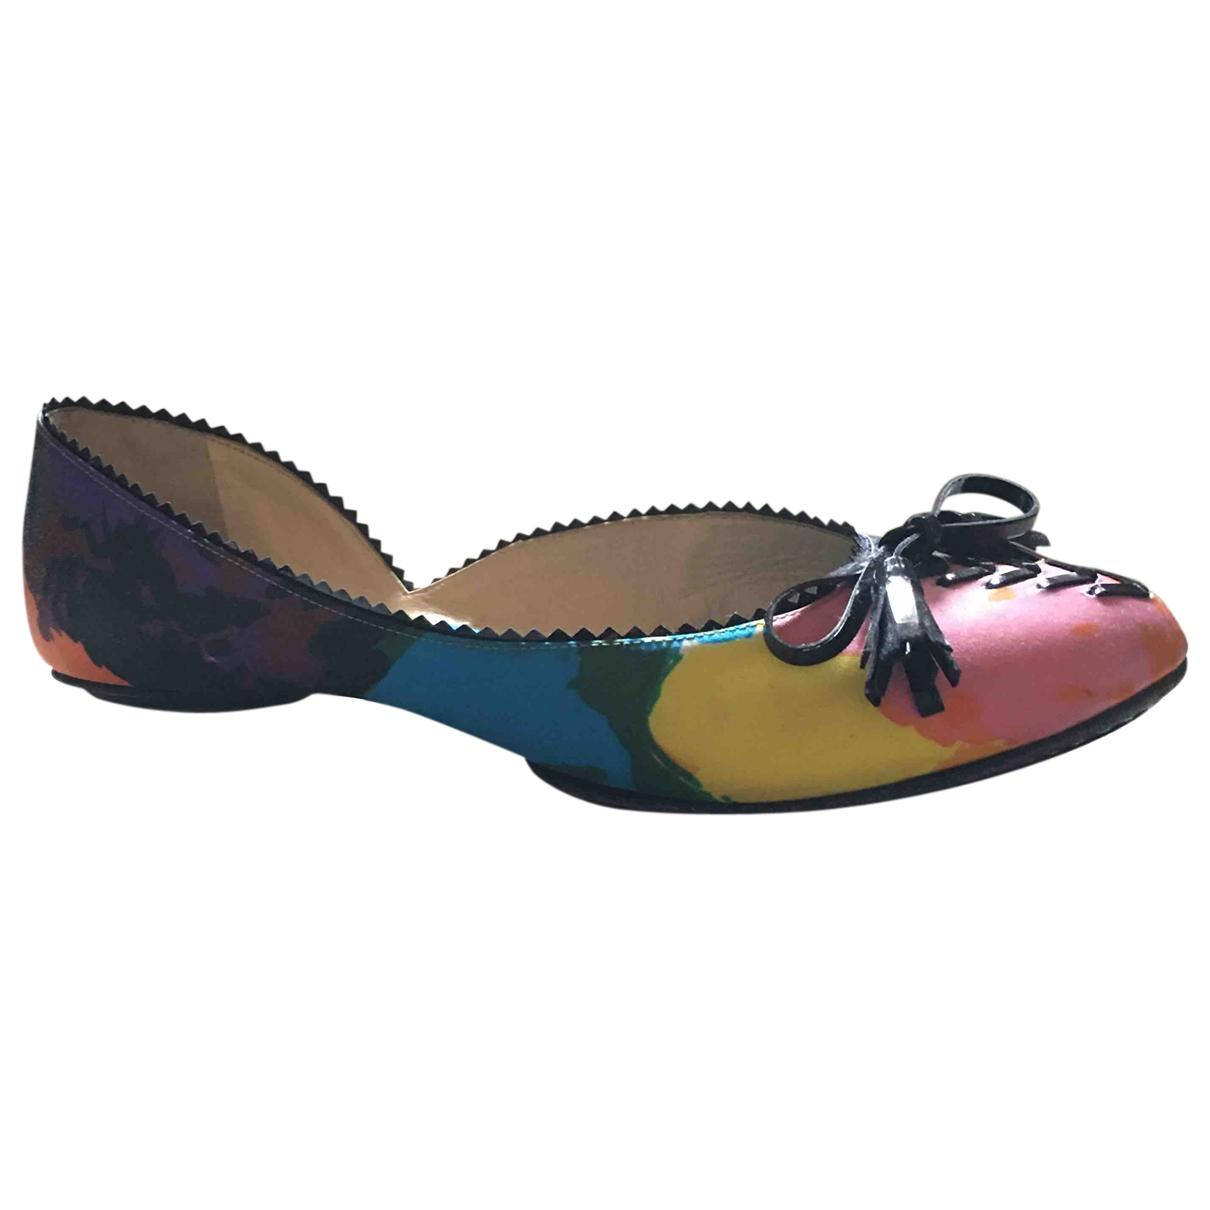 Balenciaga - Ballerines   pour femme en toile - multicolore